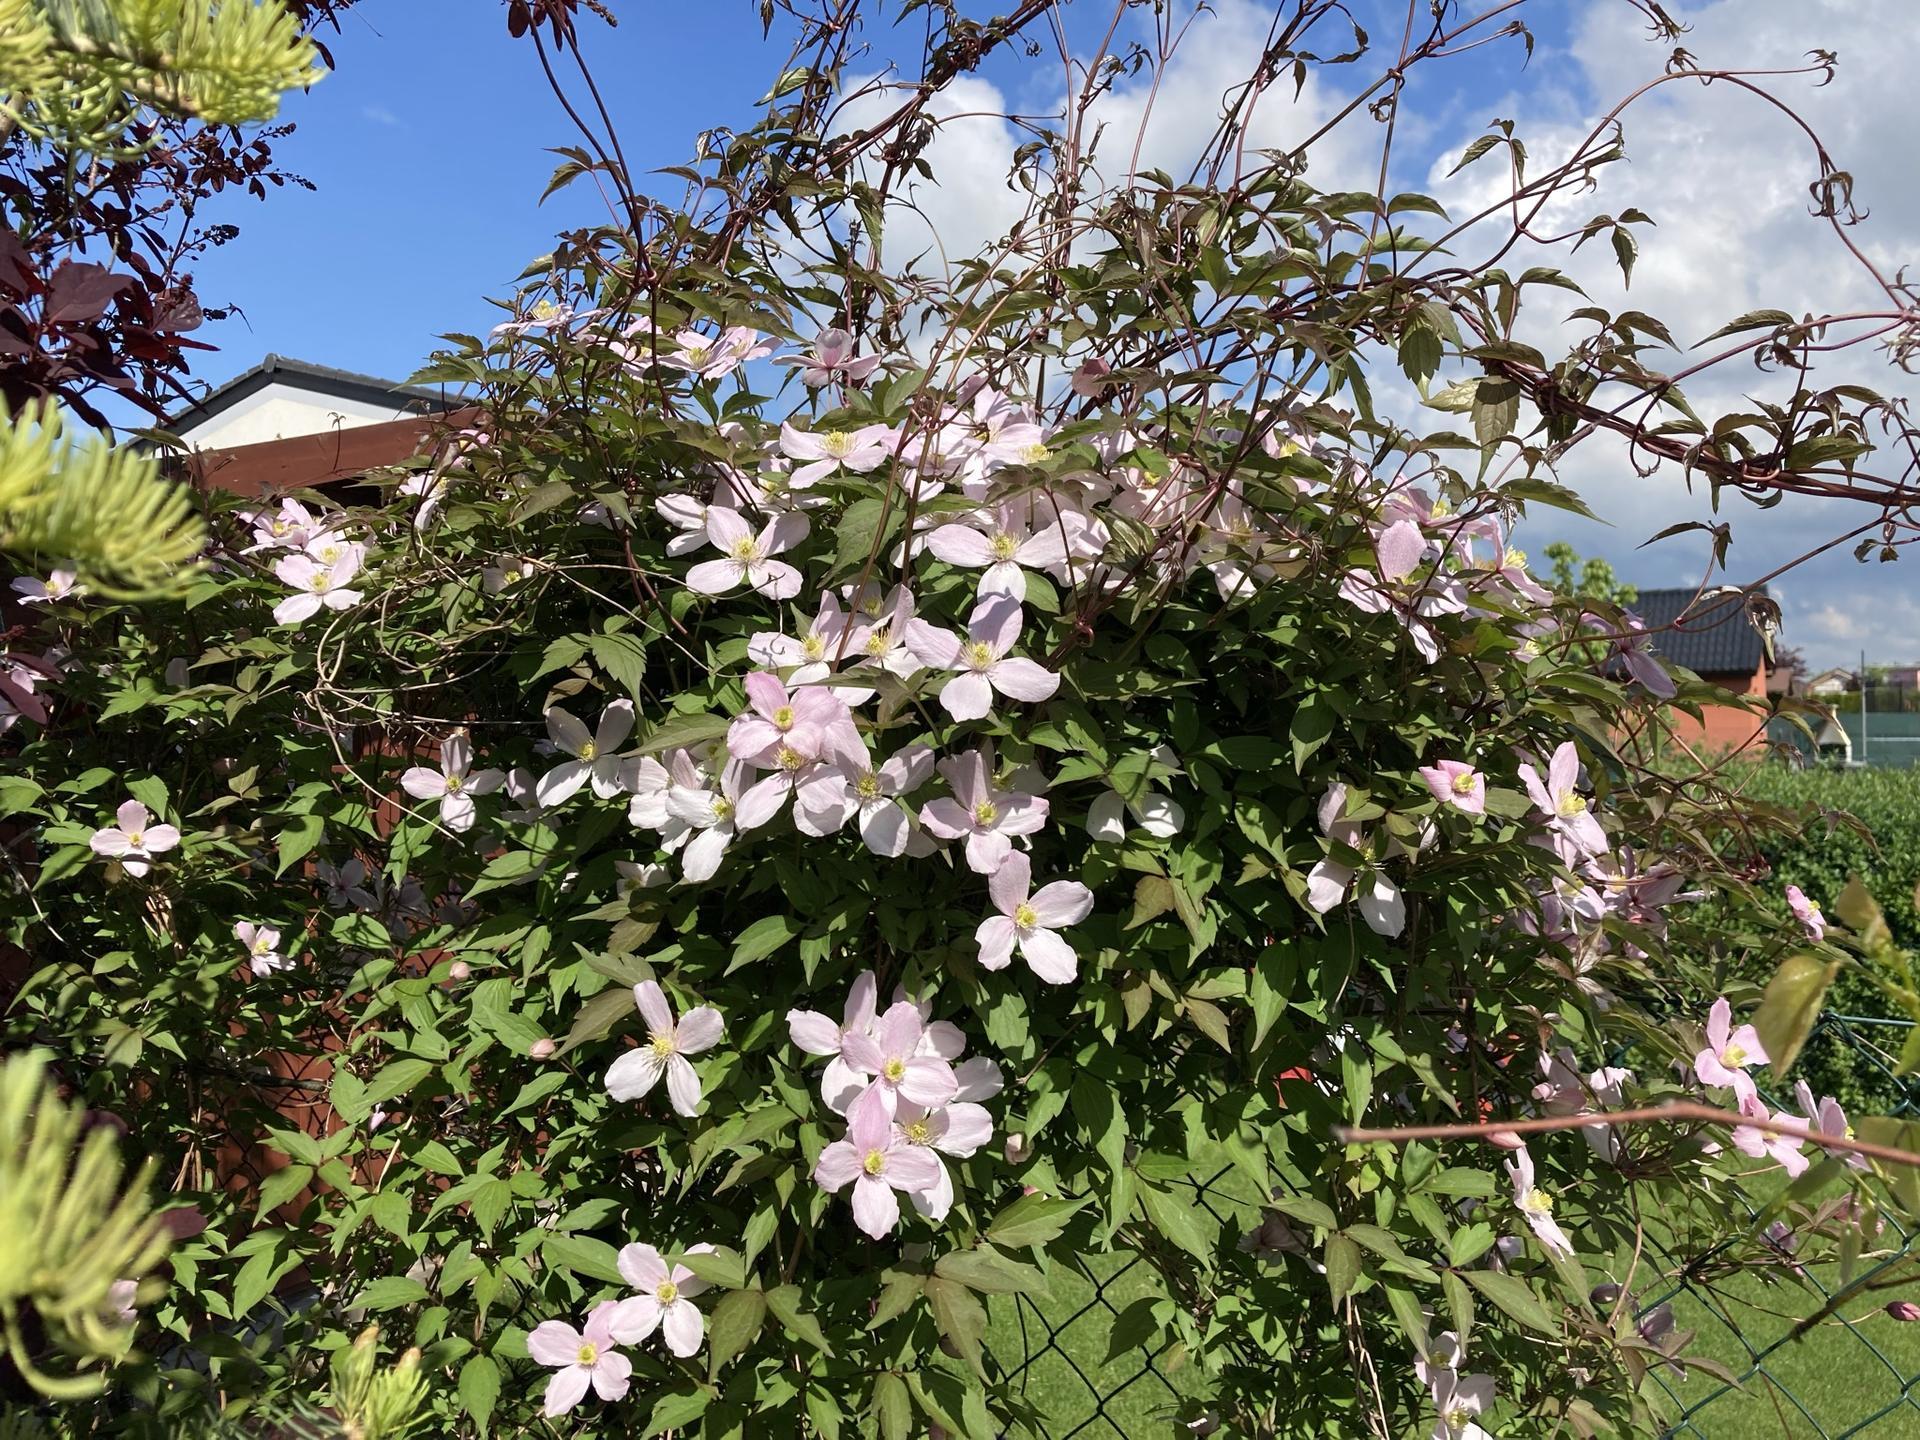 Zahrada 2021 - Klematis horsky poprve po drastickem presazeni a brutalnim orezani letos kvete. Loni mela snad jeden jediny kvitek...